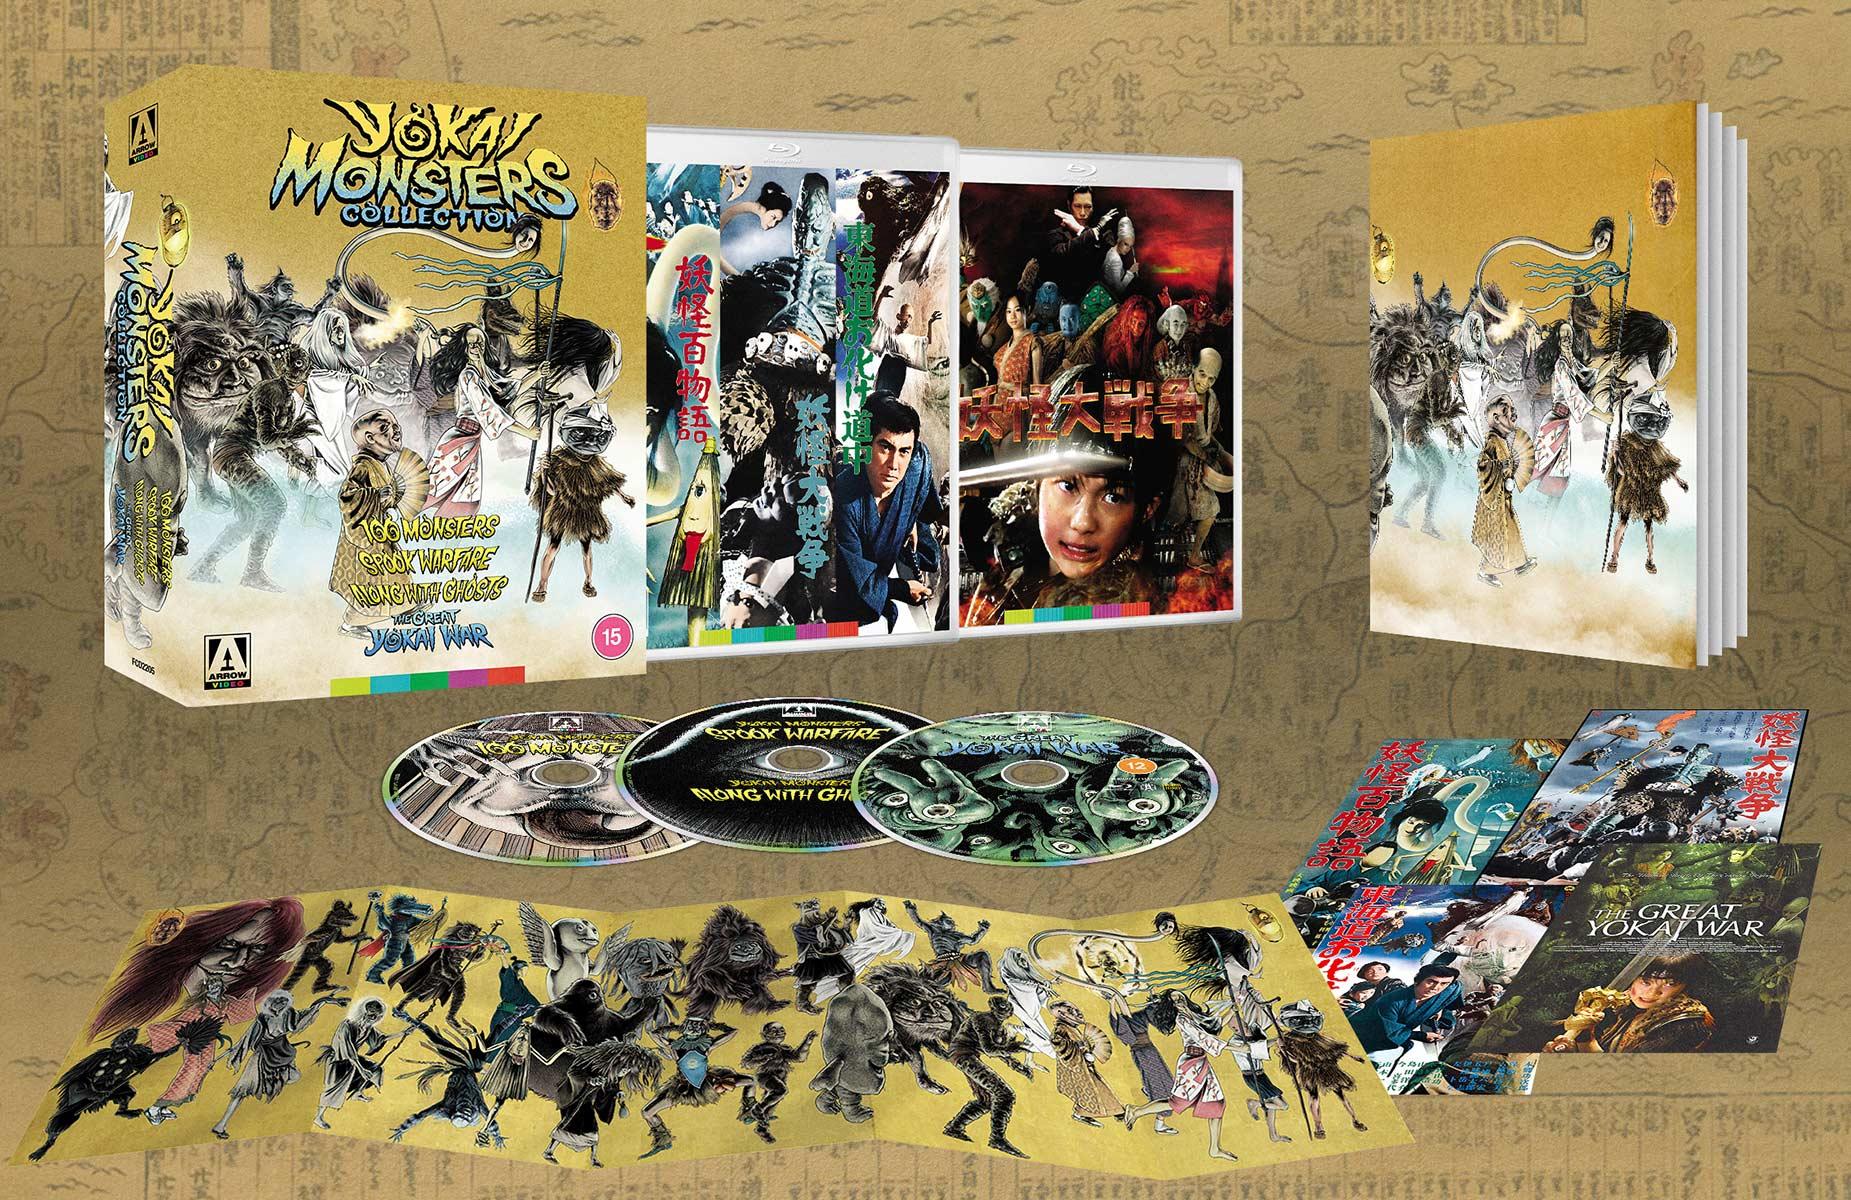 Una imagen promocional de la caja de Bluray de la Colección Yokai Monsters publicada por Arrow Film, que muestra el material de empaque y promoción incluido en el juego, así como los discos y sus estuches.